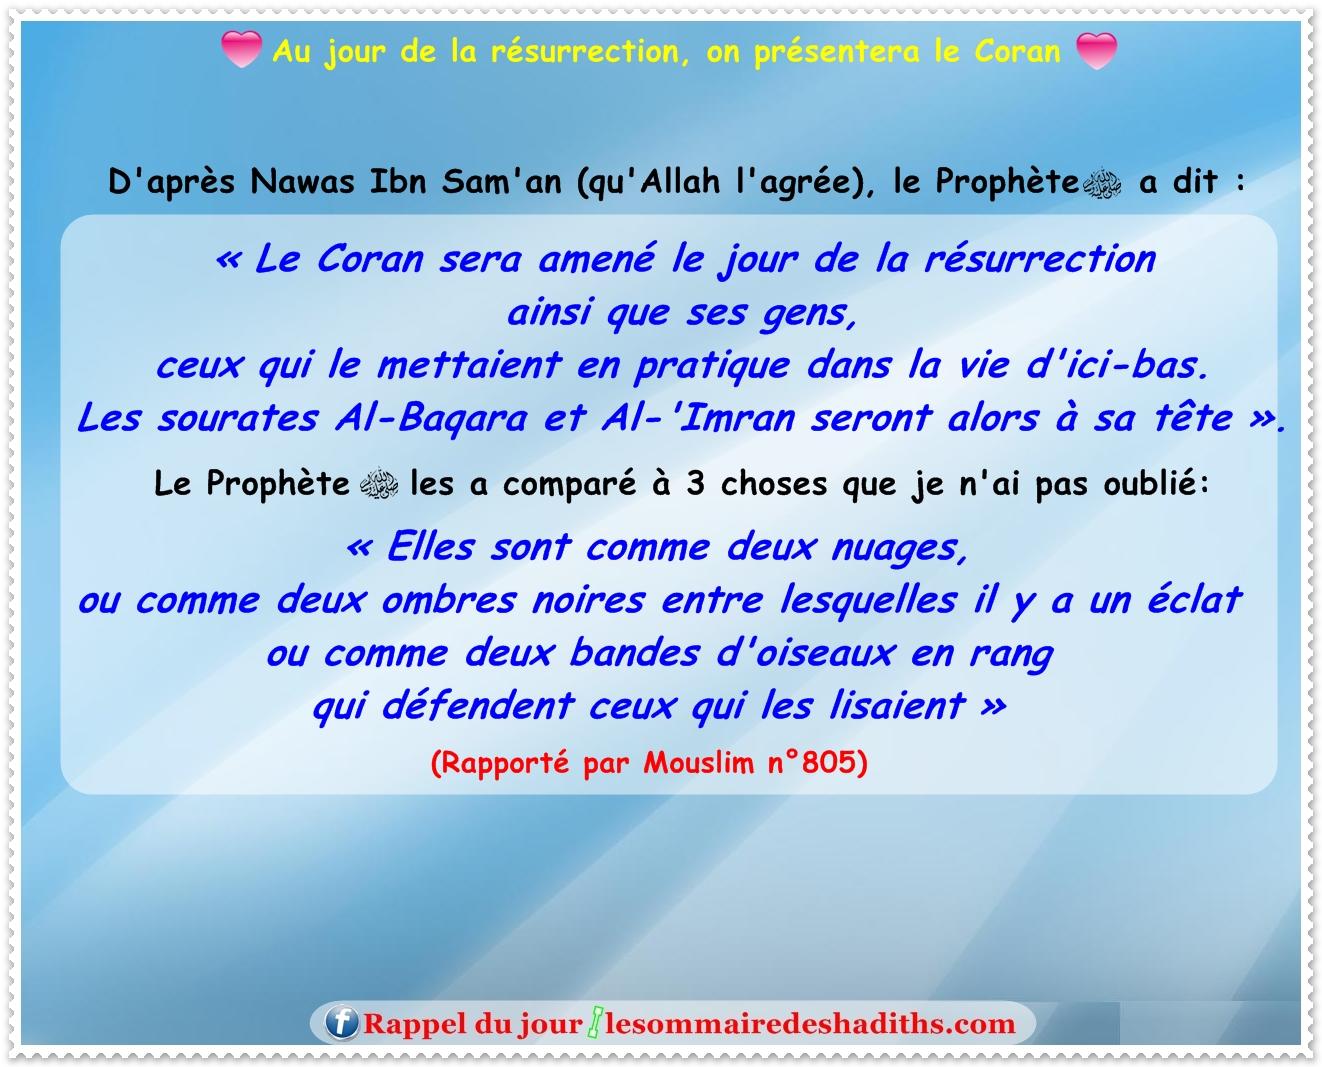 Hadith Au jour de la résurrection on présentera le Coran (Nawas Ibn Sam'an)